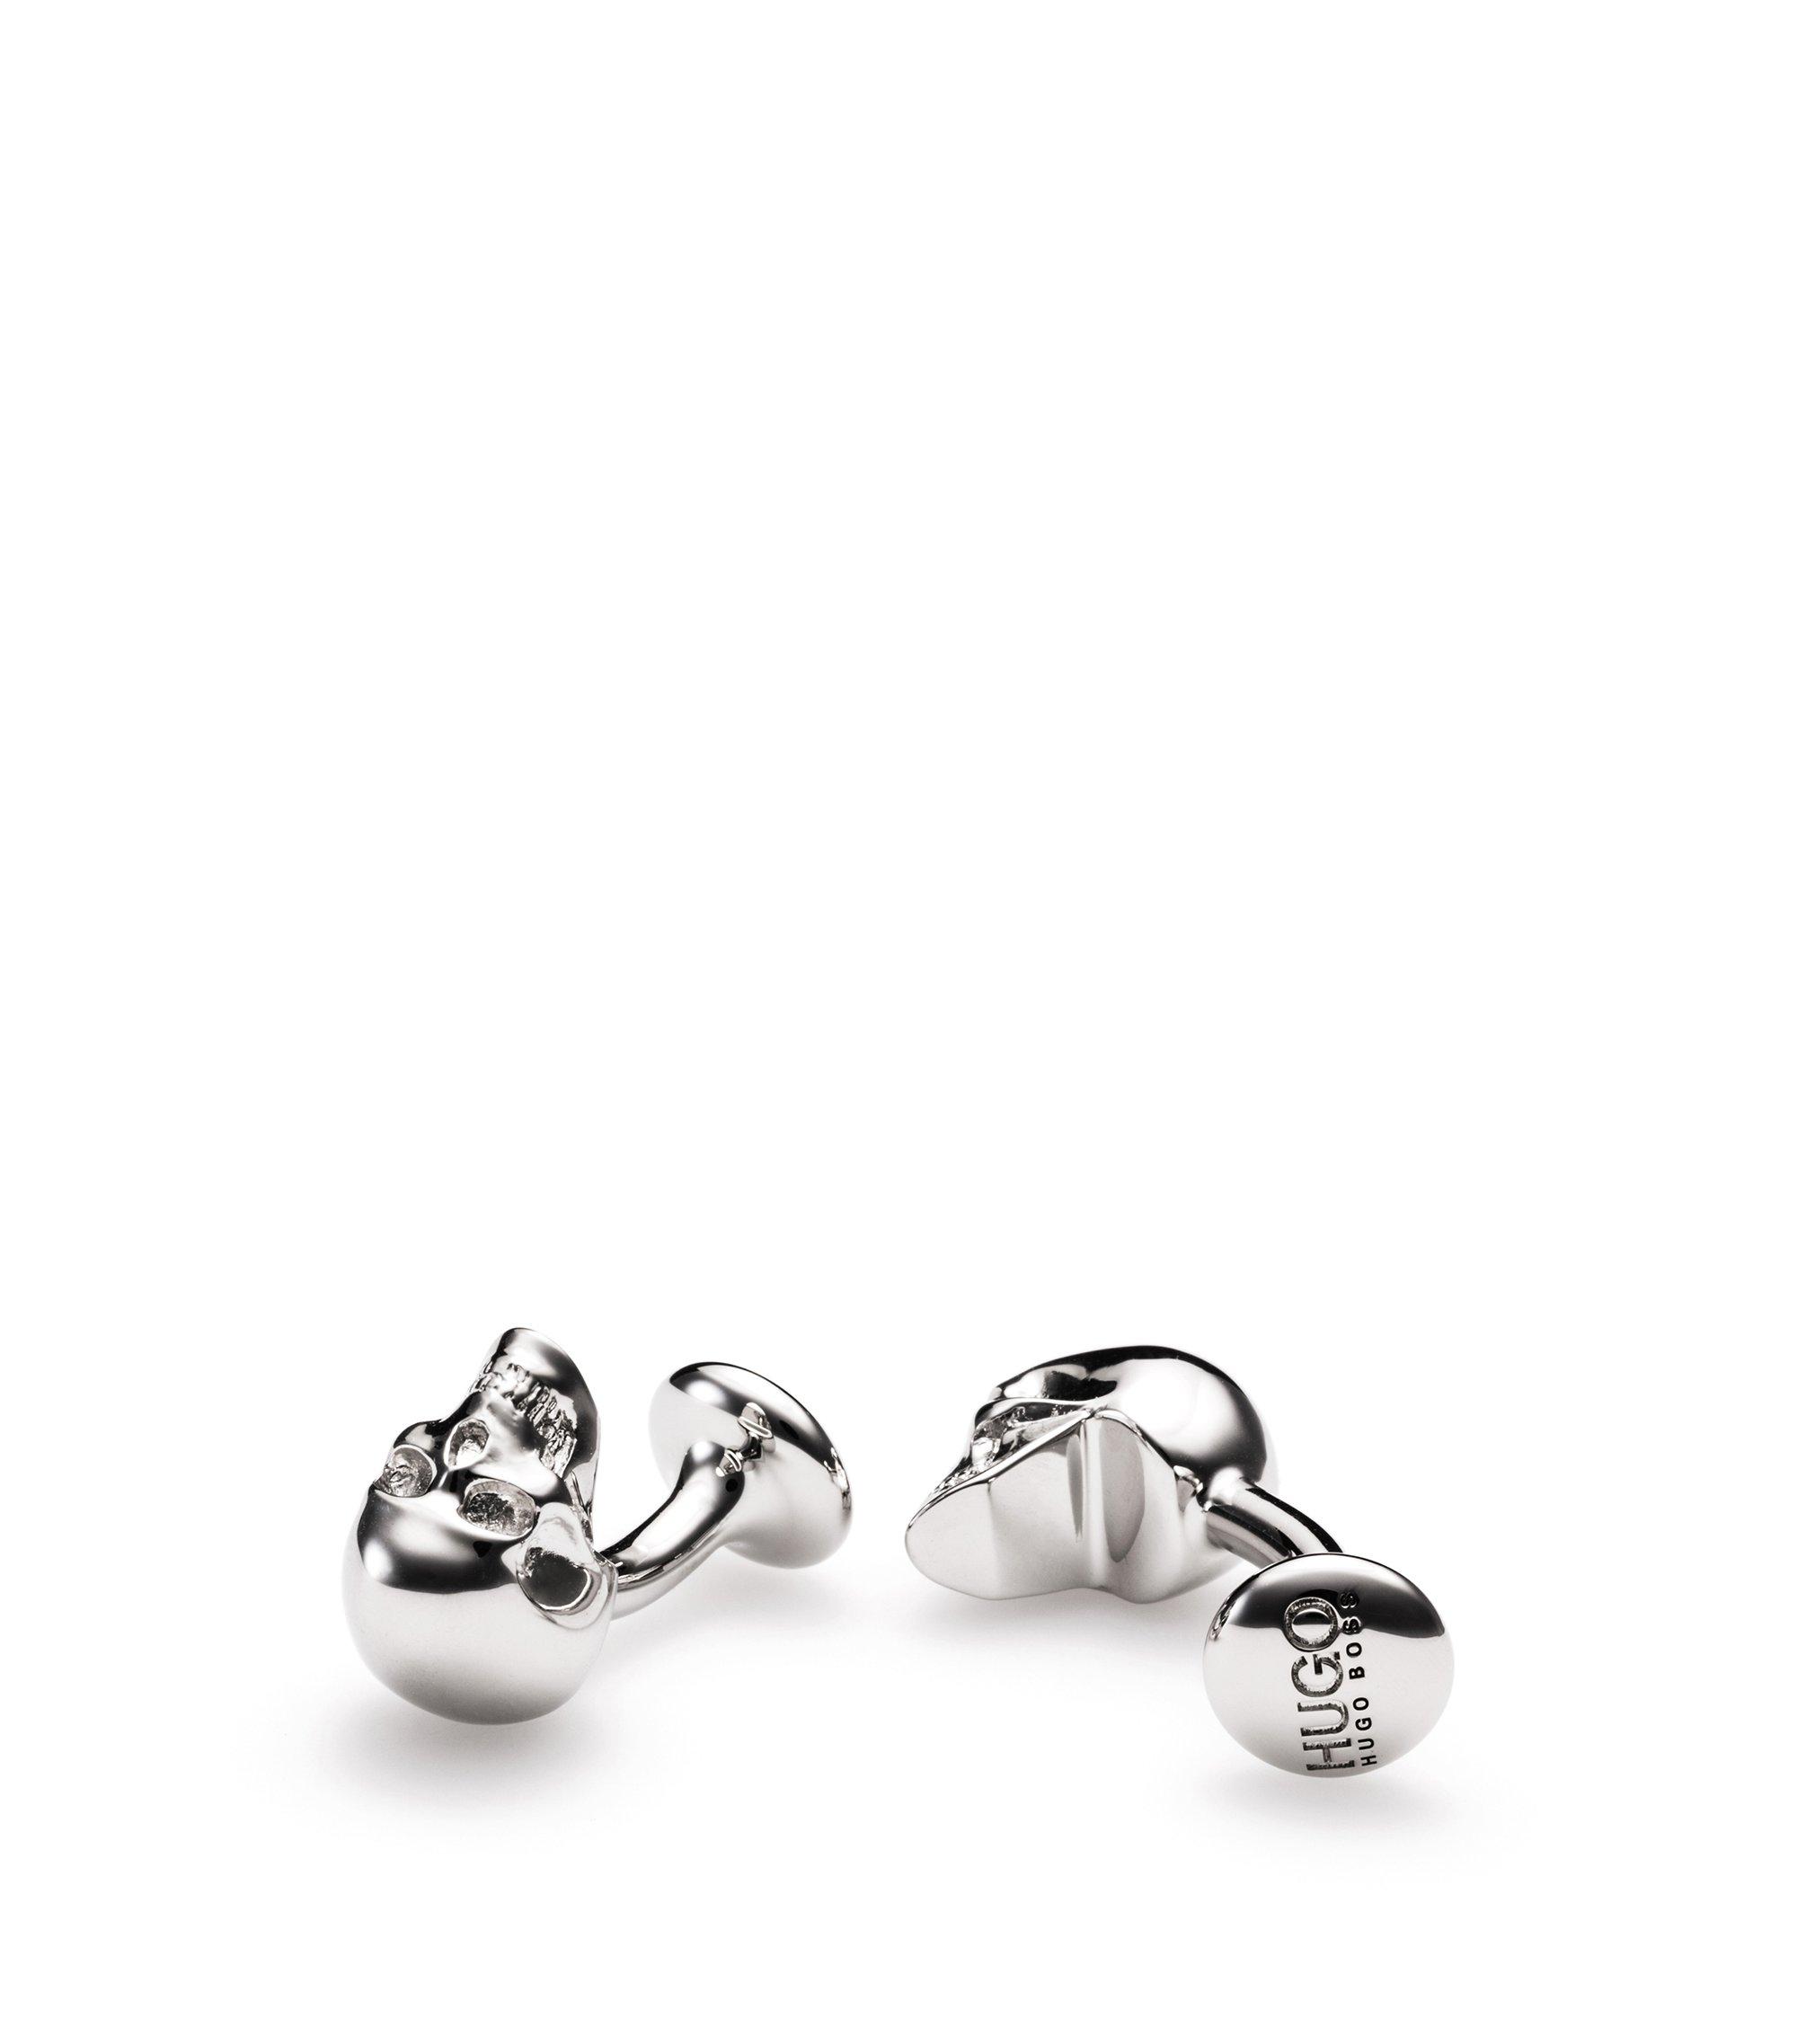 Totenkopf-Manschettenknöpfe aus poliertem Messing, Silber